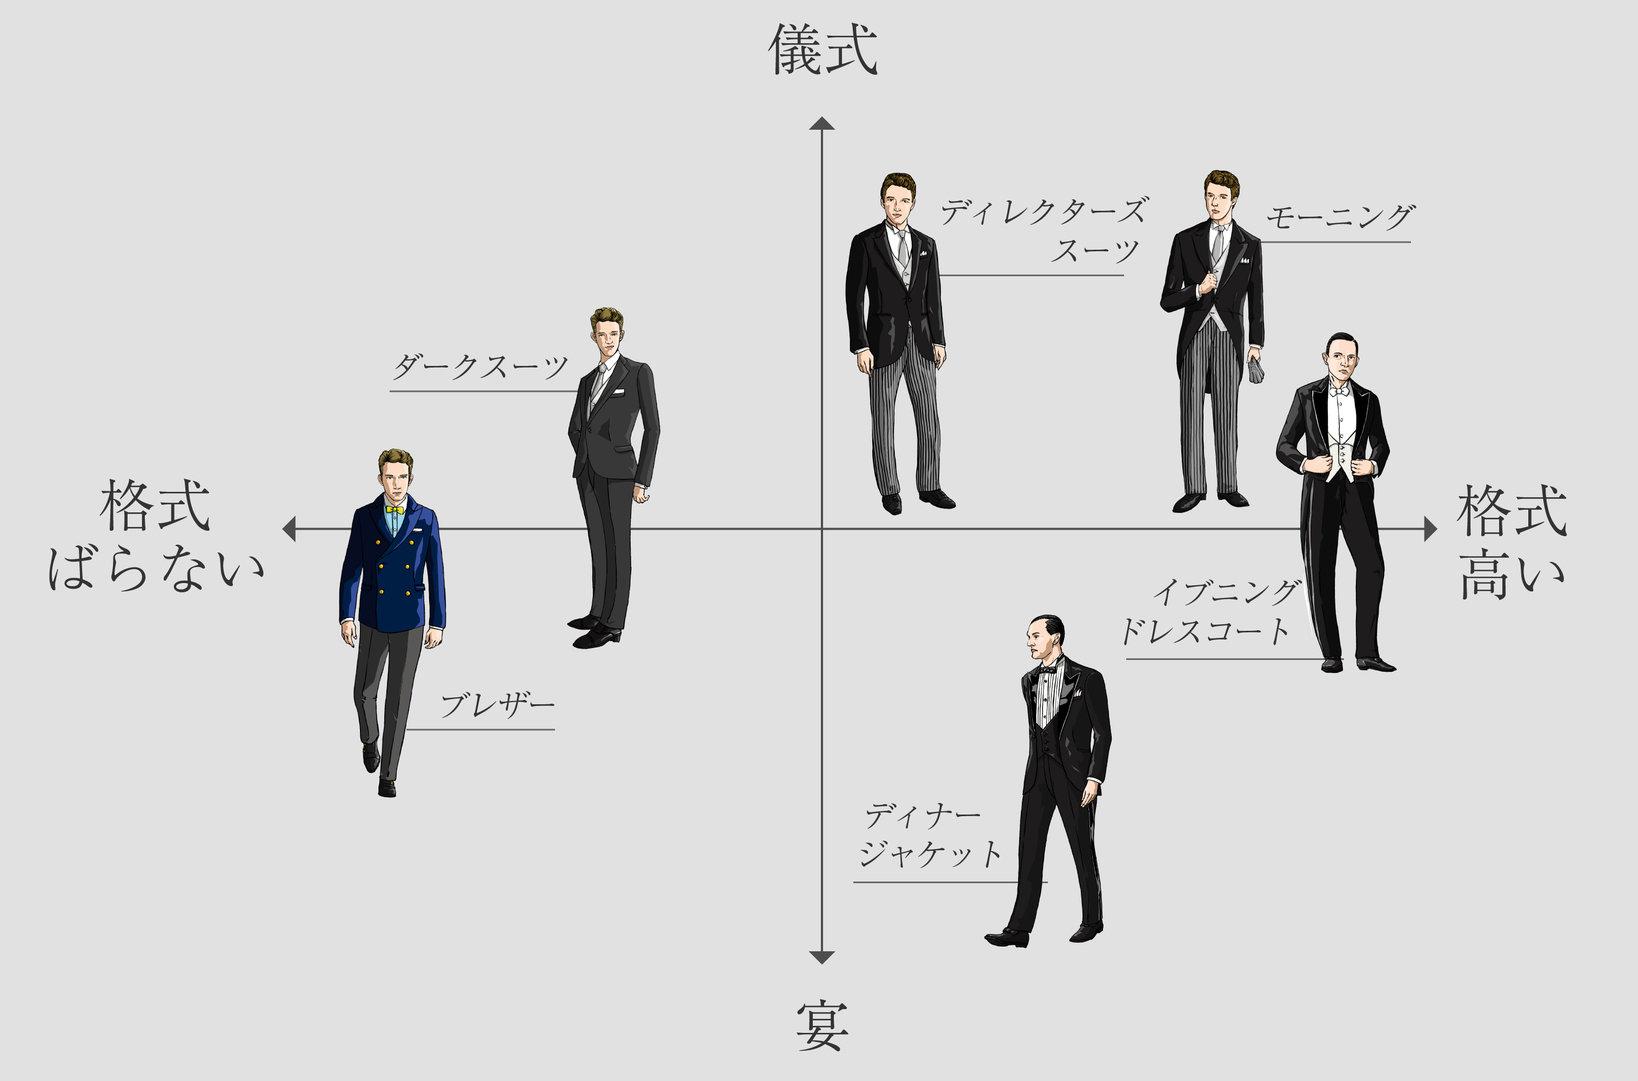 今回紹介する礼装は略礼装を含めた6種類